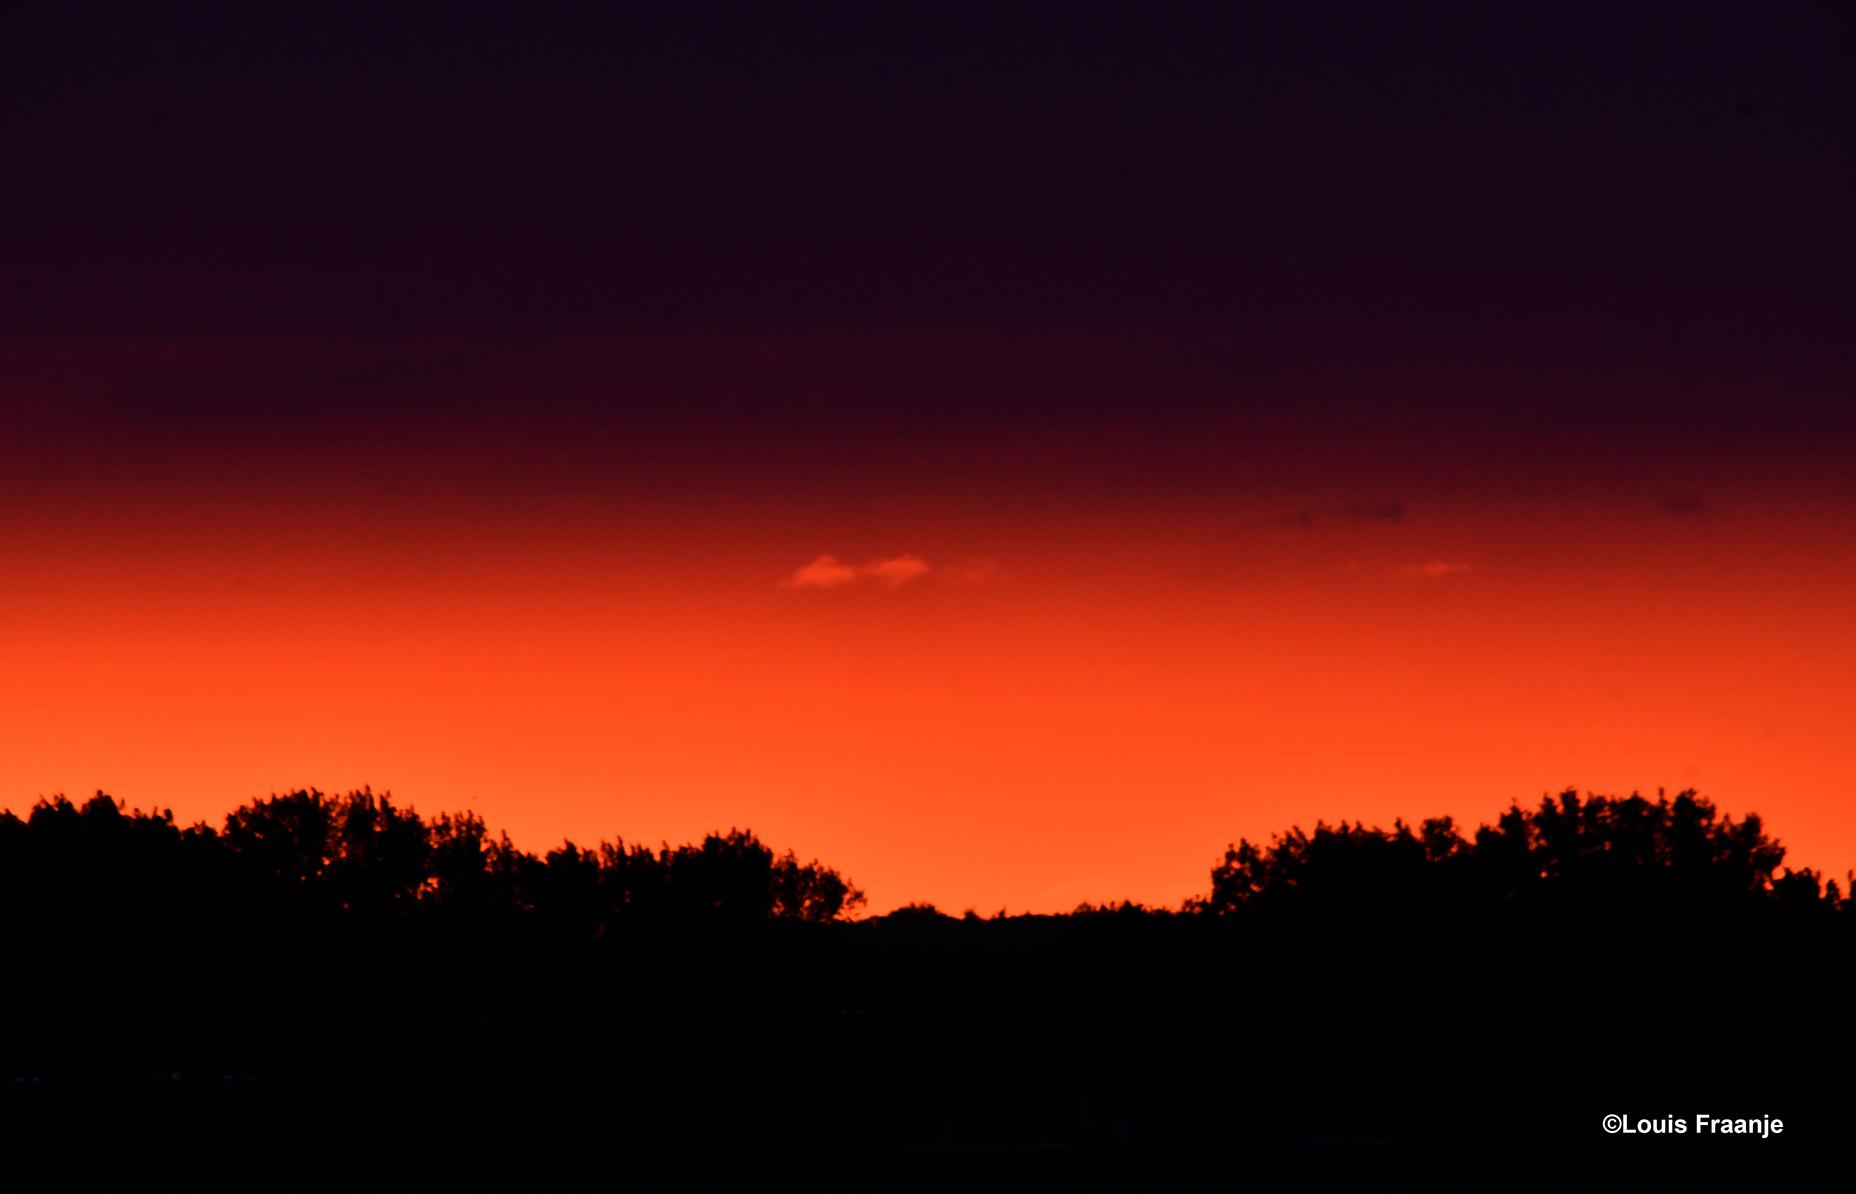 Een bijzondere avondlucht boven de horizon met een 'aparte' prachtige paarse gloed erboven - Foto: ©Louis Fraanje